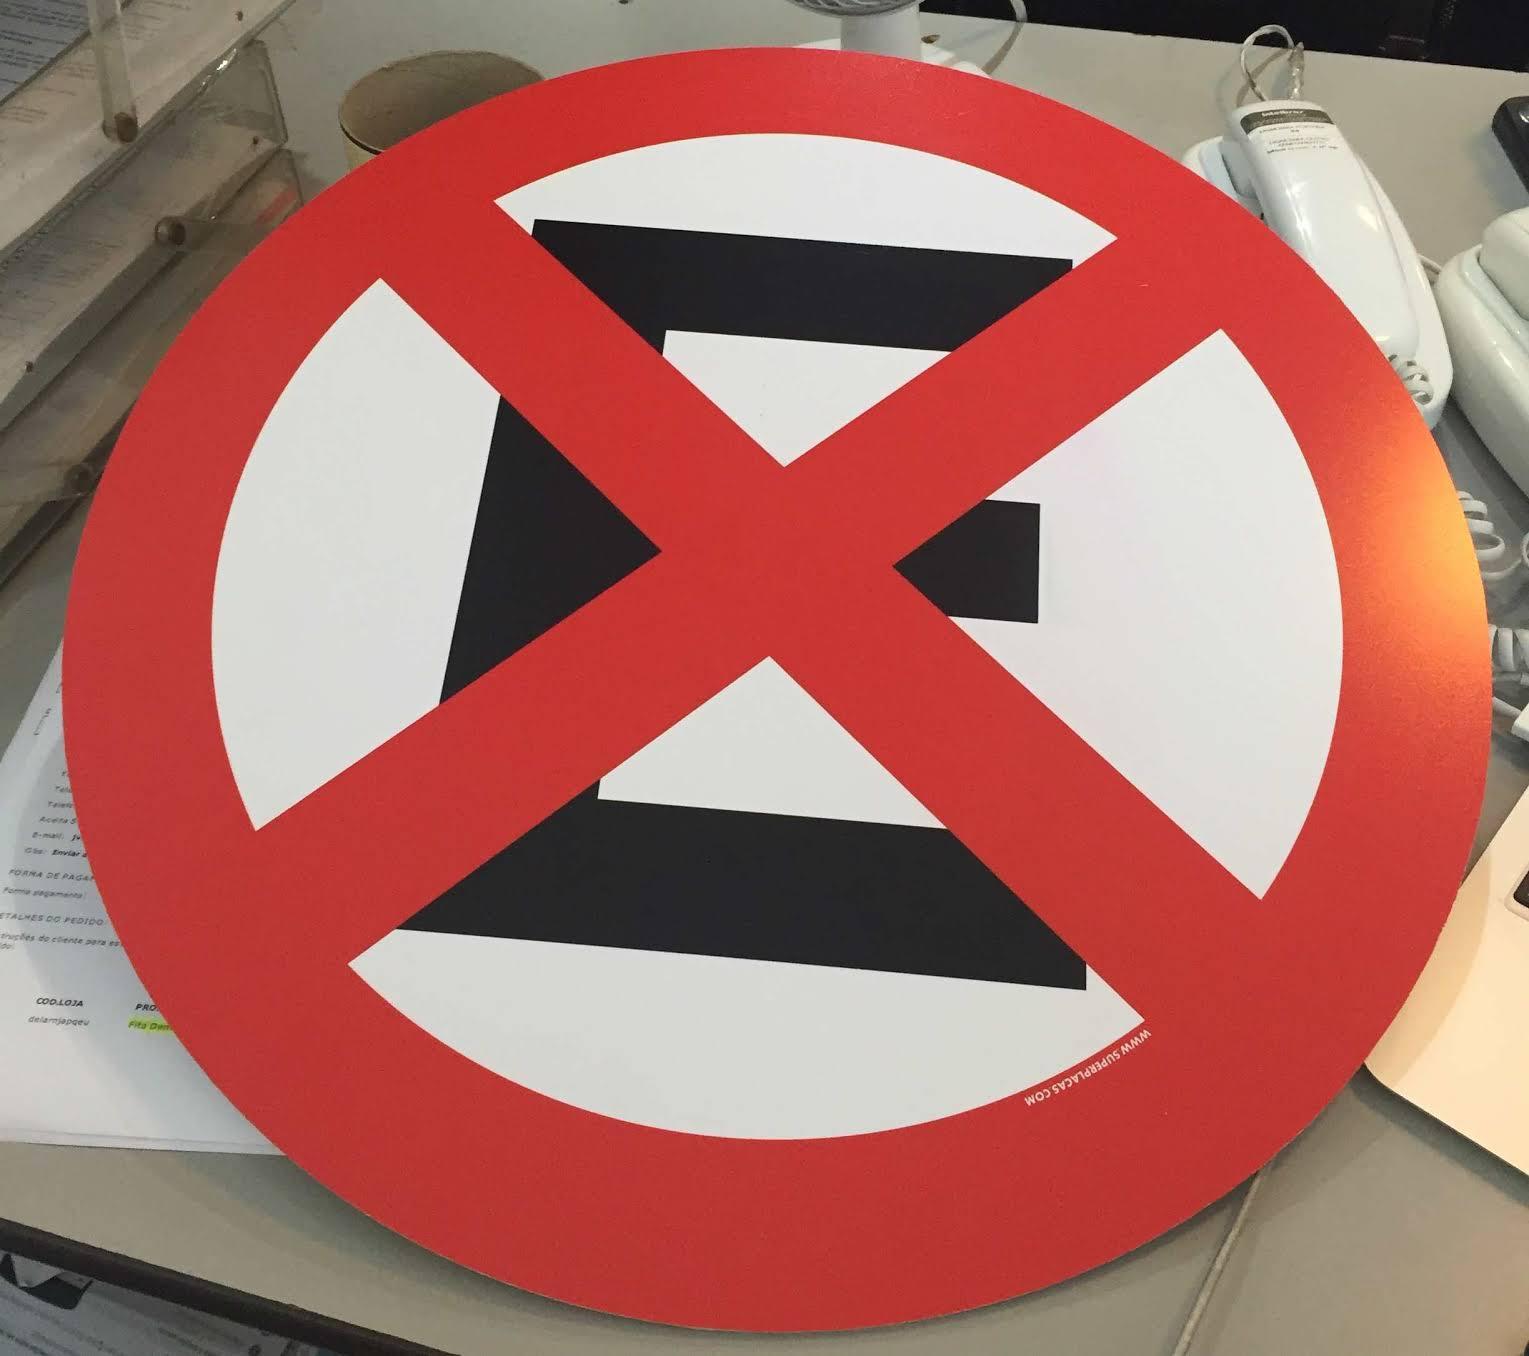 Placa Proibido Estacionar -Redonda -  Plástico 45x45cm  - 300AD